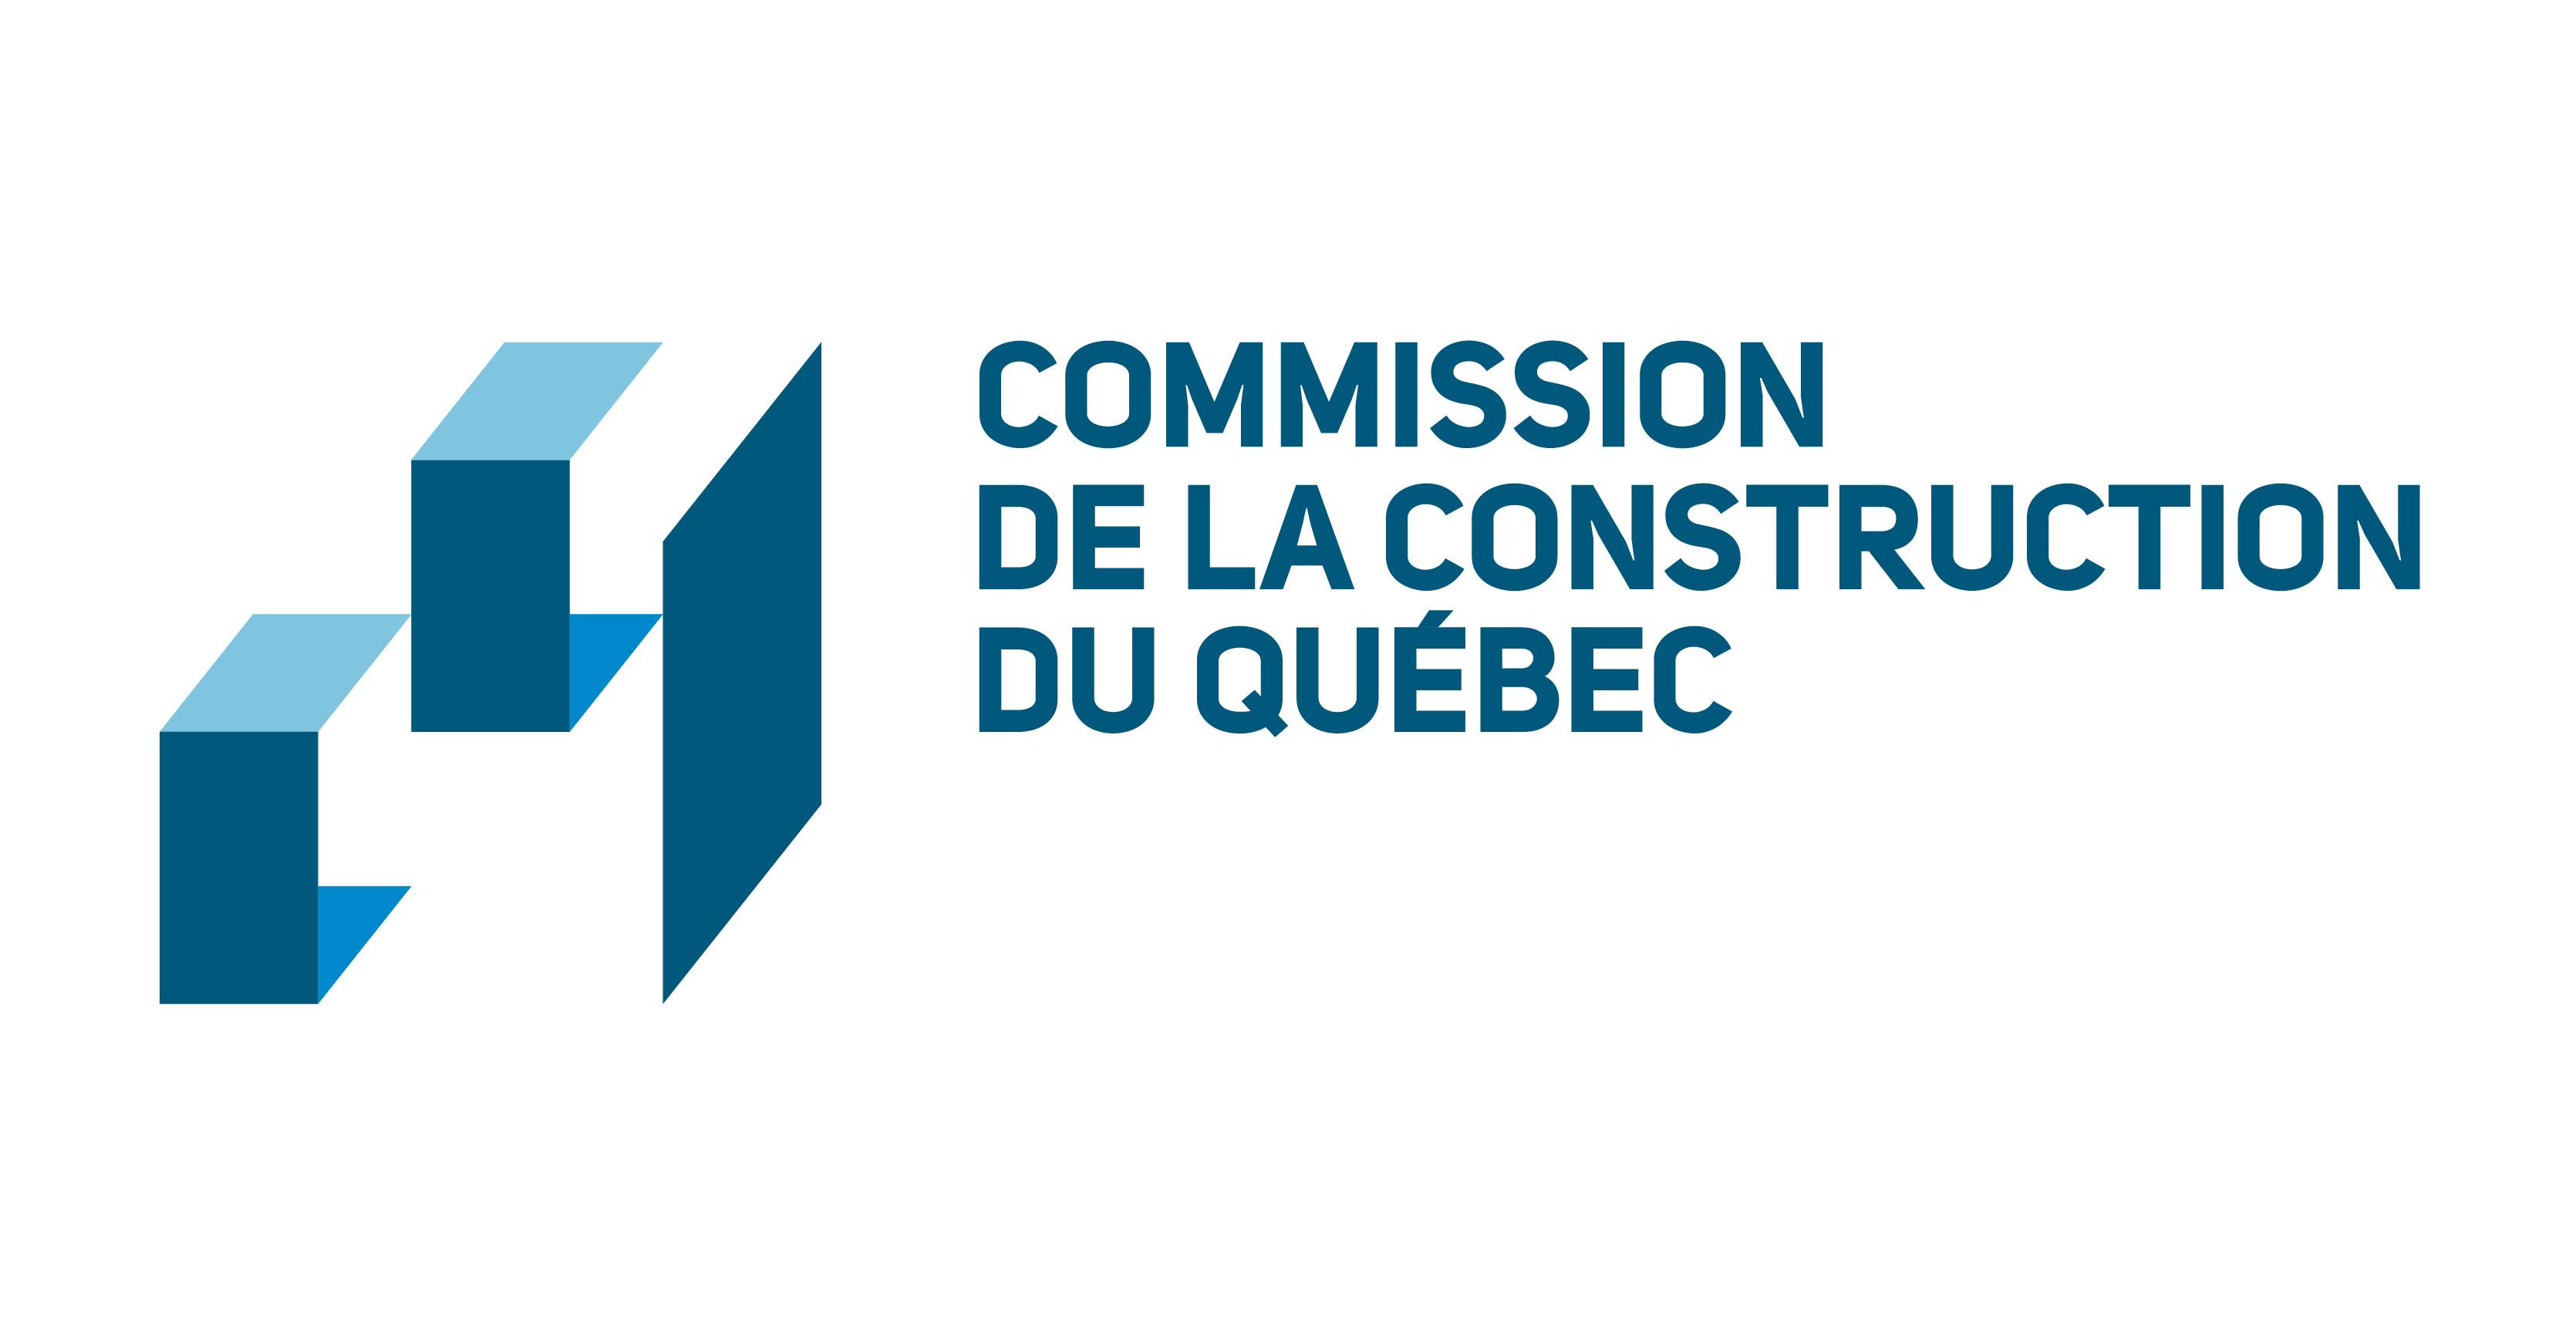 La Commission de la construction du Québec (CCQ)